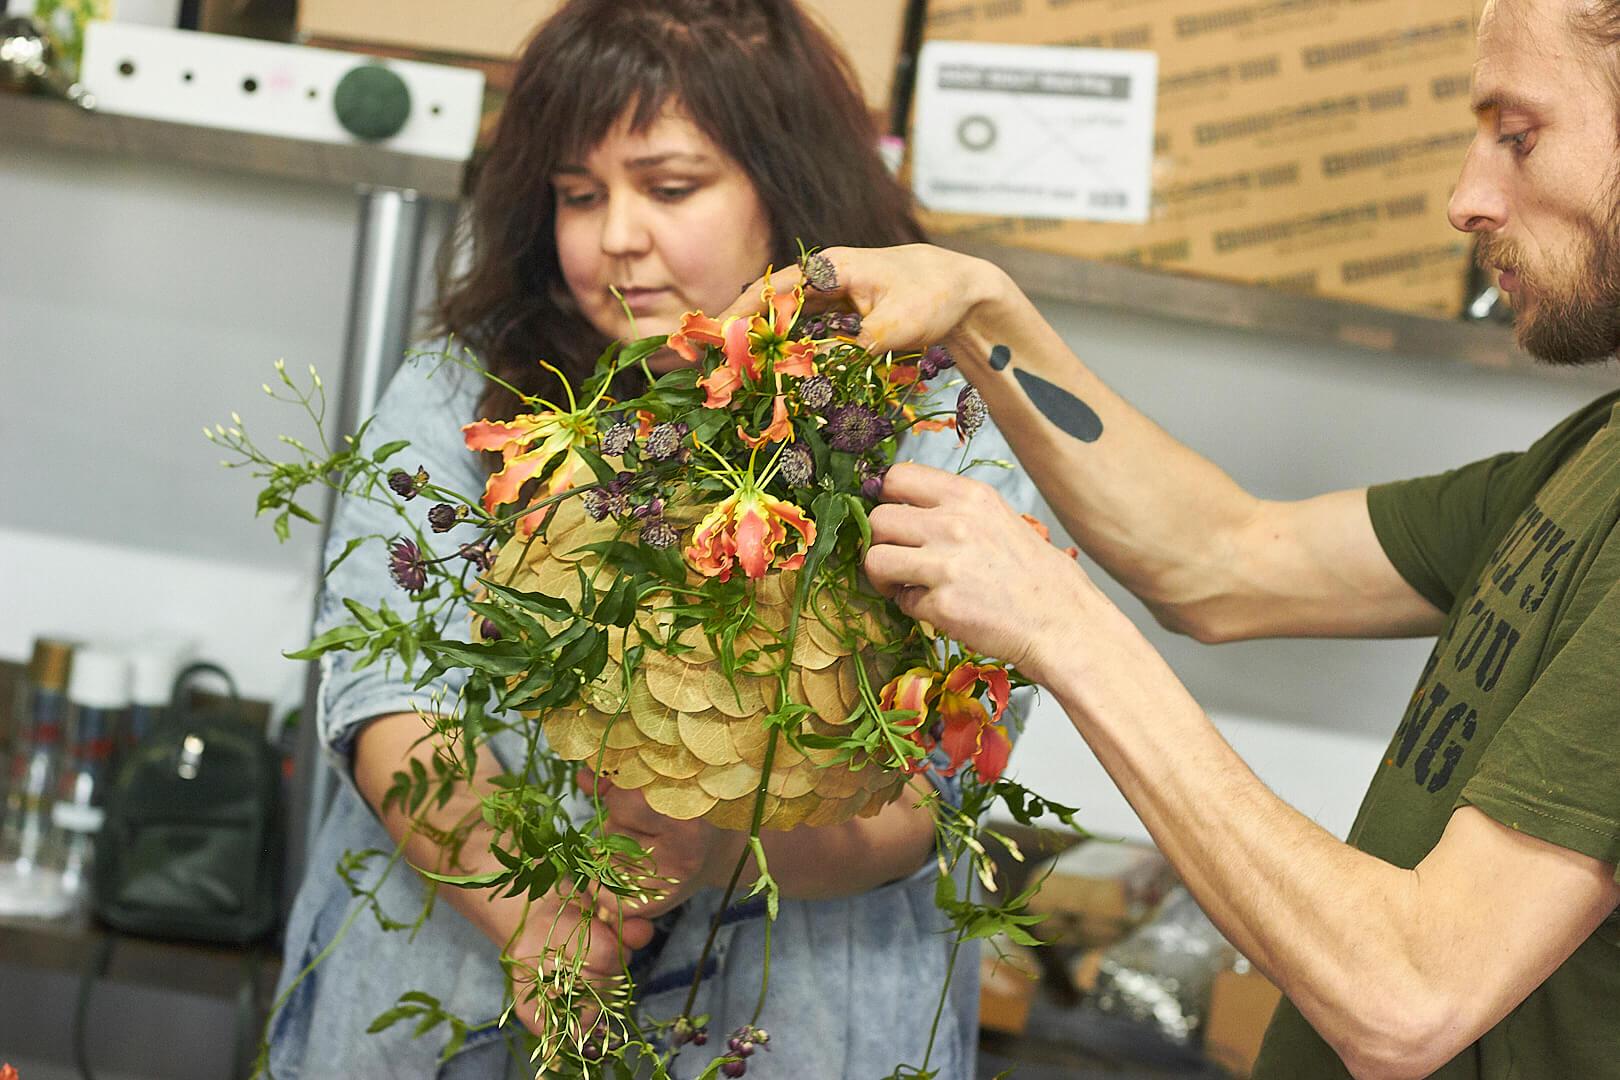 radko_ivanov_chapov_florist_floral_design_floristik_seminar_demo_14